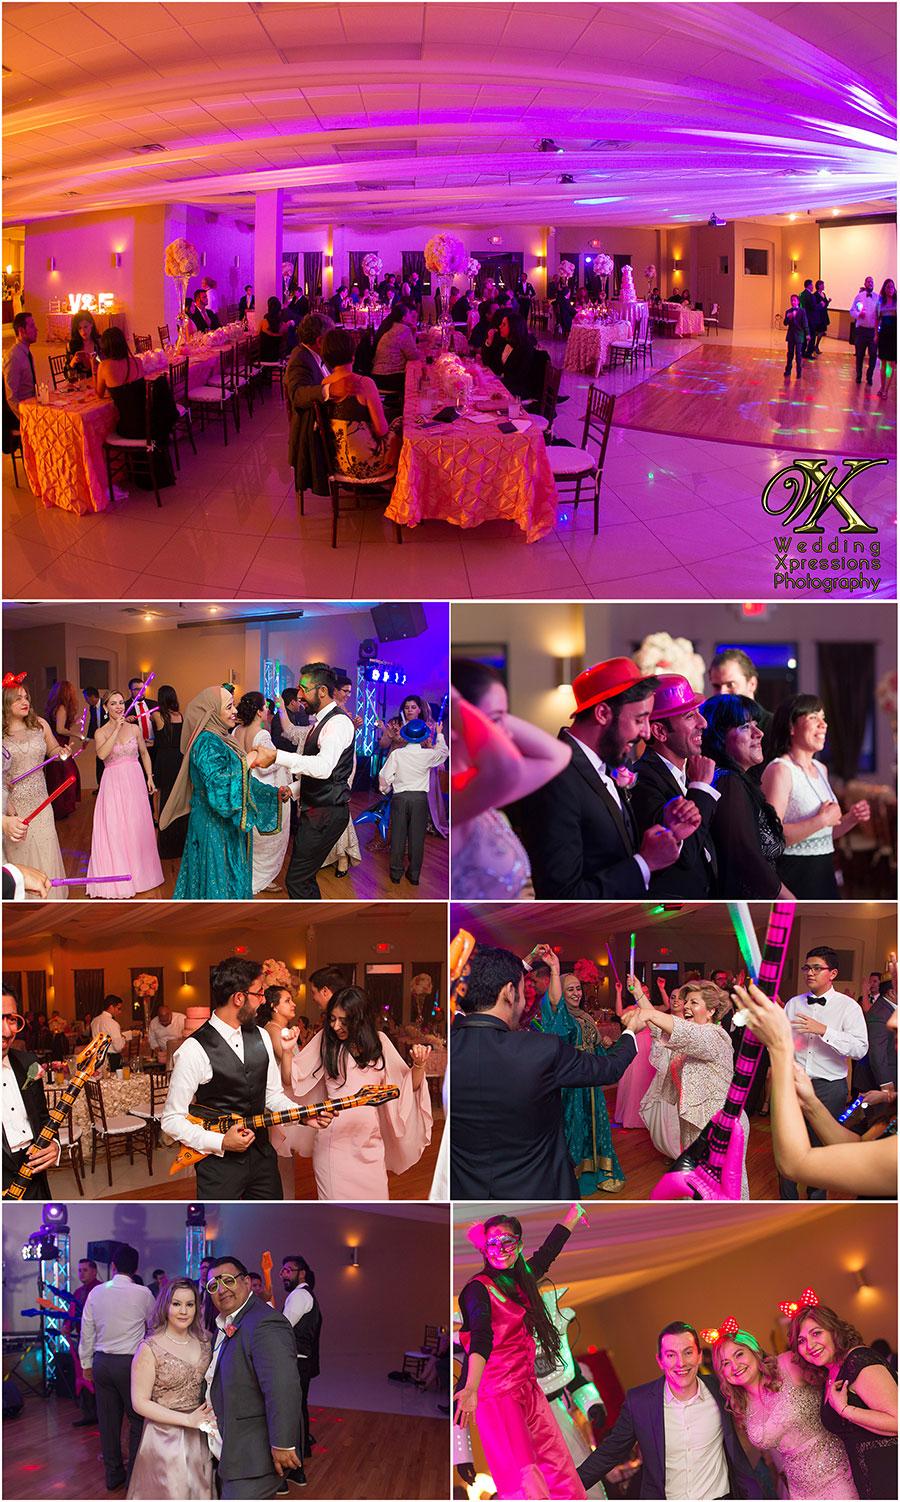 dancing at wedding reception at Selarom Ballroom